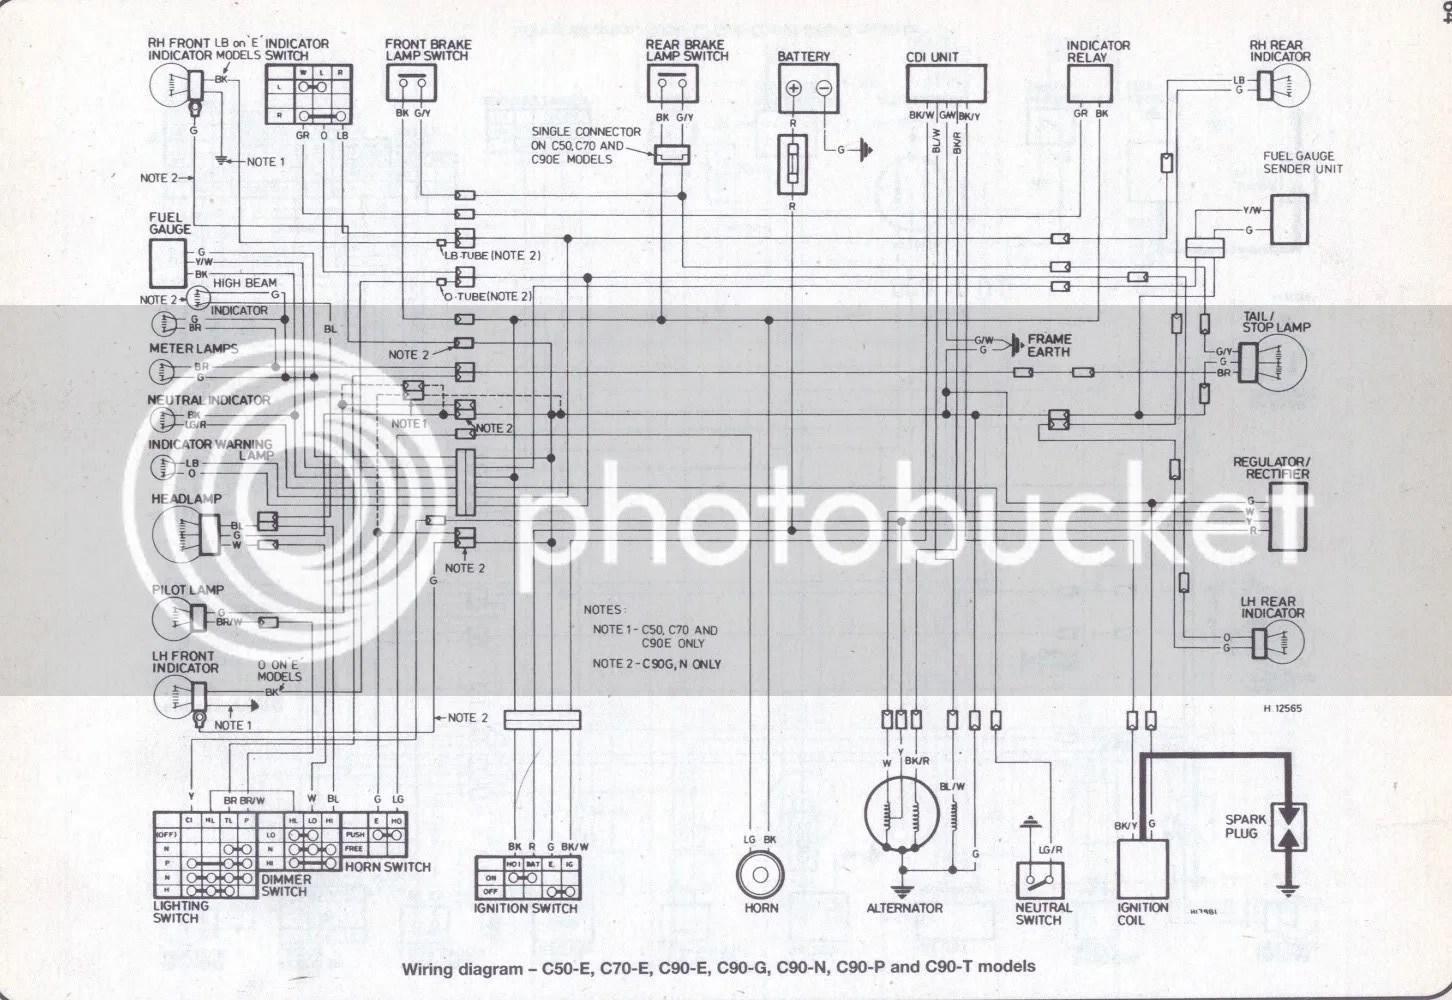 [SCHEMATICS_48DE]  Honda C90 Wiring Diagram - Wiring Diagram Schemes | Honda C90 Wiring Diagram 6v |  | Wiring Diagram Schemes - Mein-Raetien